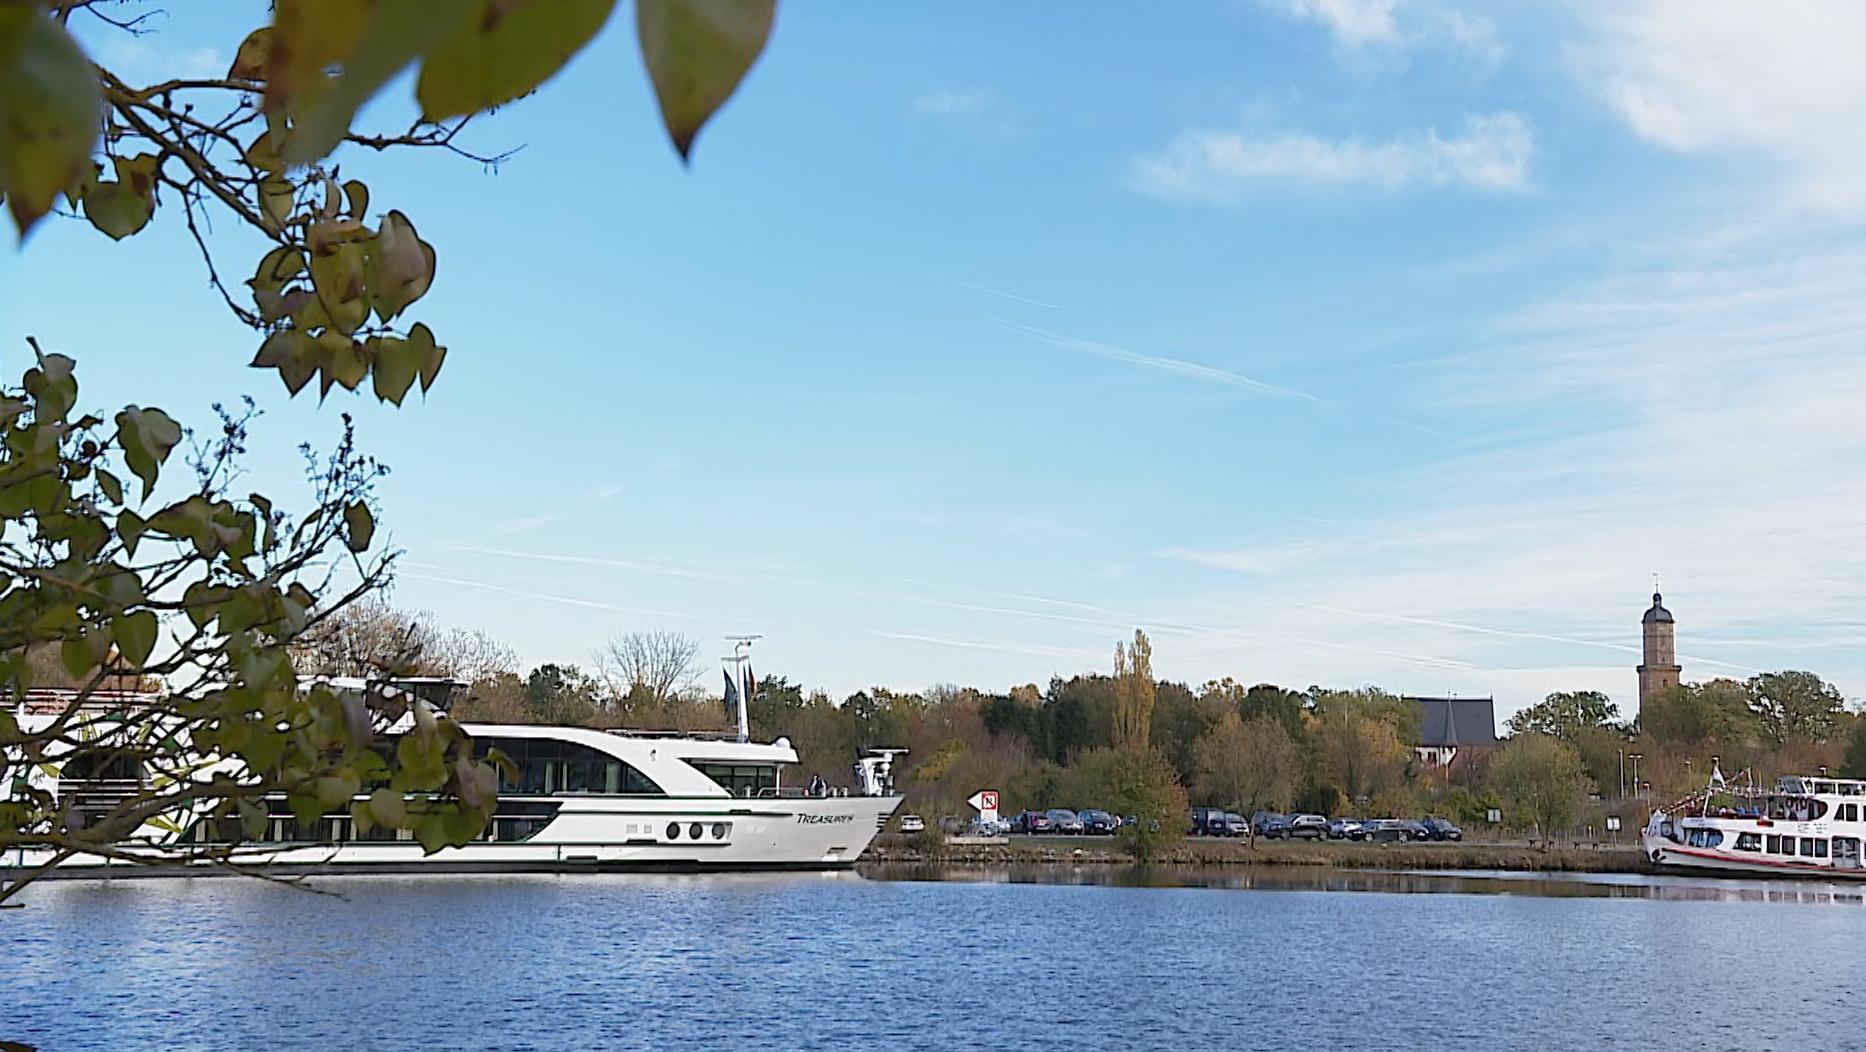 Hotelschiff in Volkach